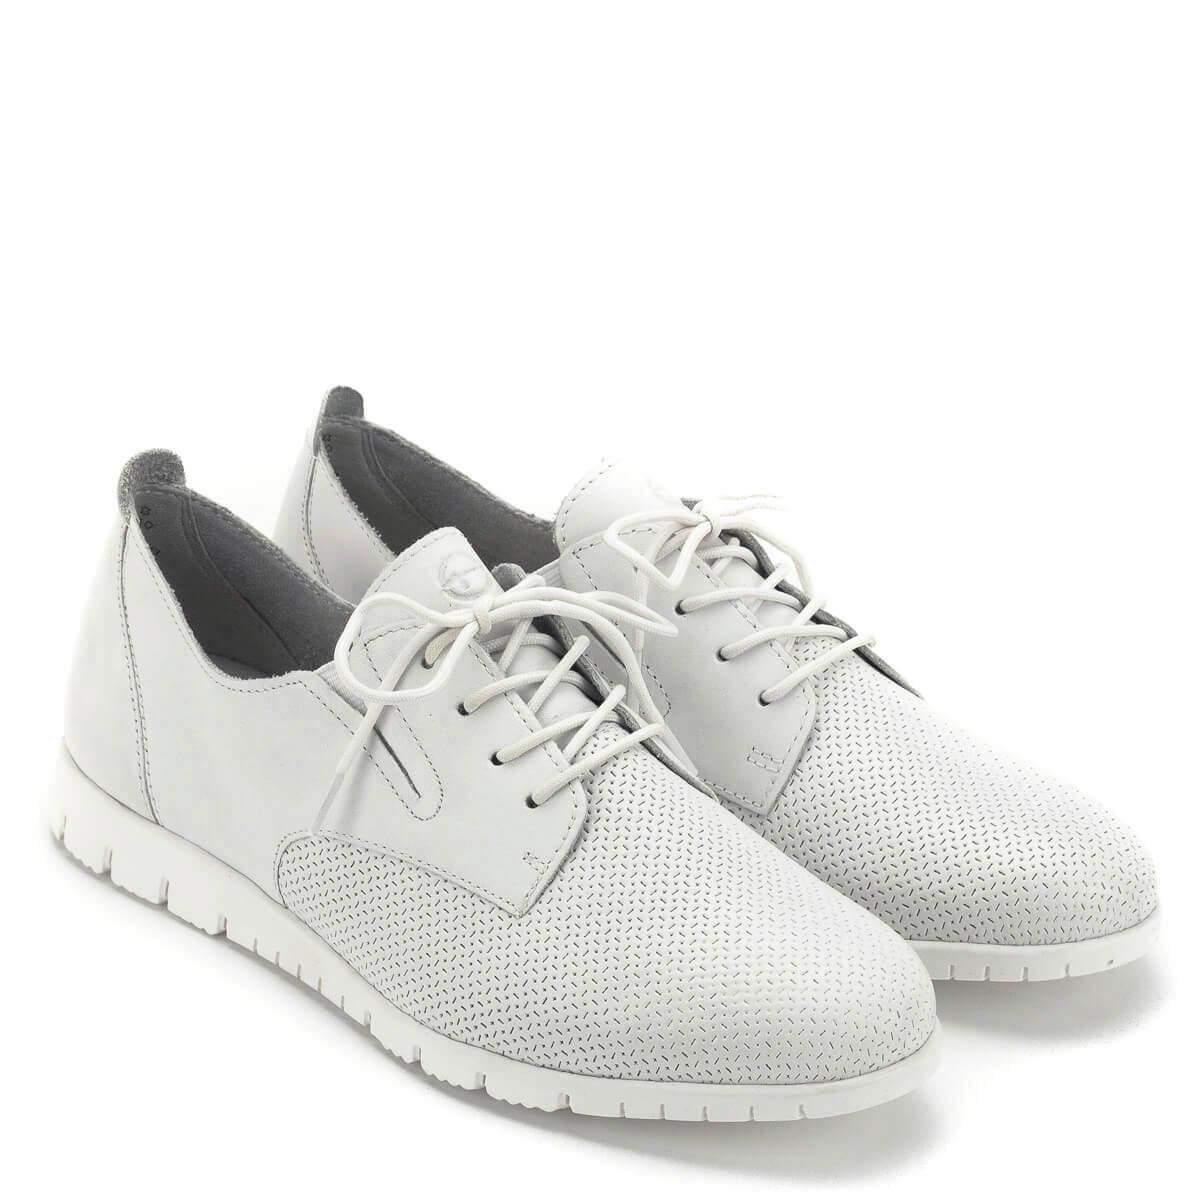 Fehér Tamaris cipő lapos talppal. Szellős bőr felsőrésszel és kivehető  talpbetéttel készült. Puha ... fb28954f62